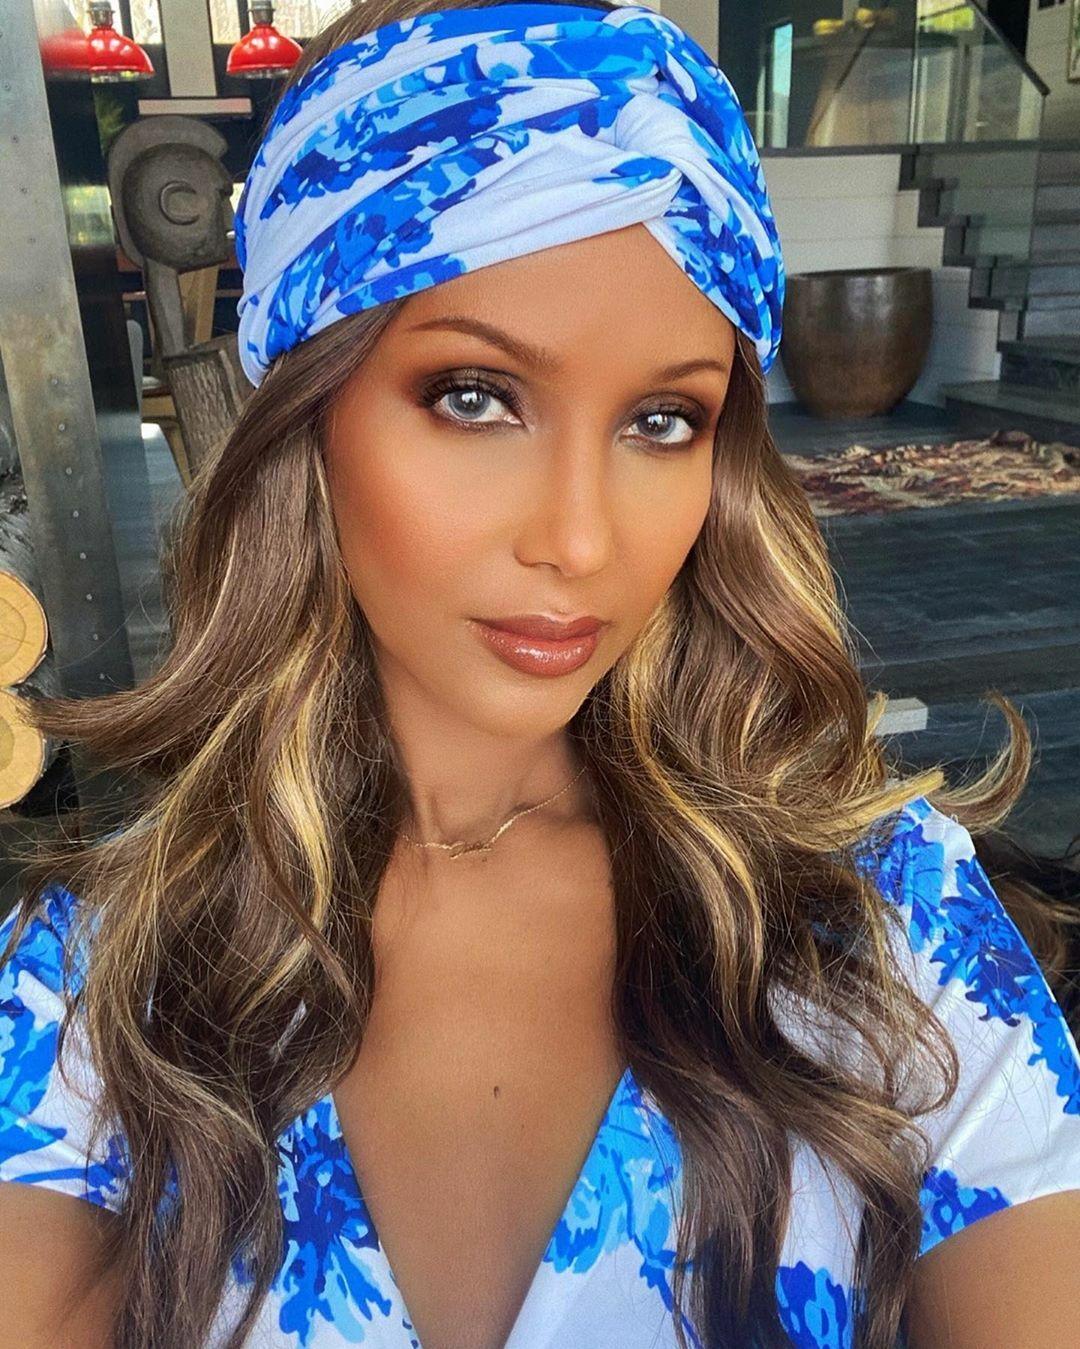 Người mẫu, diễn viên, doanh nhân người Somalia - Iman